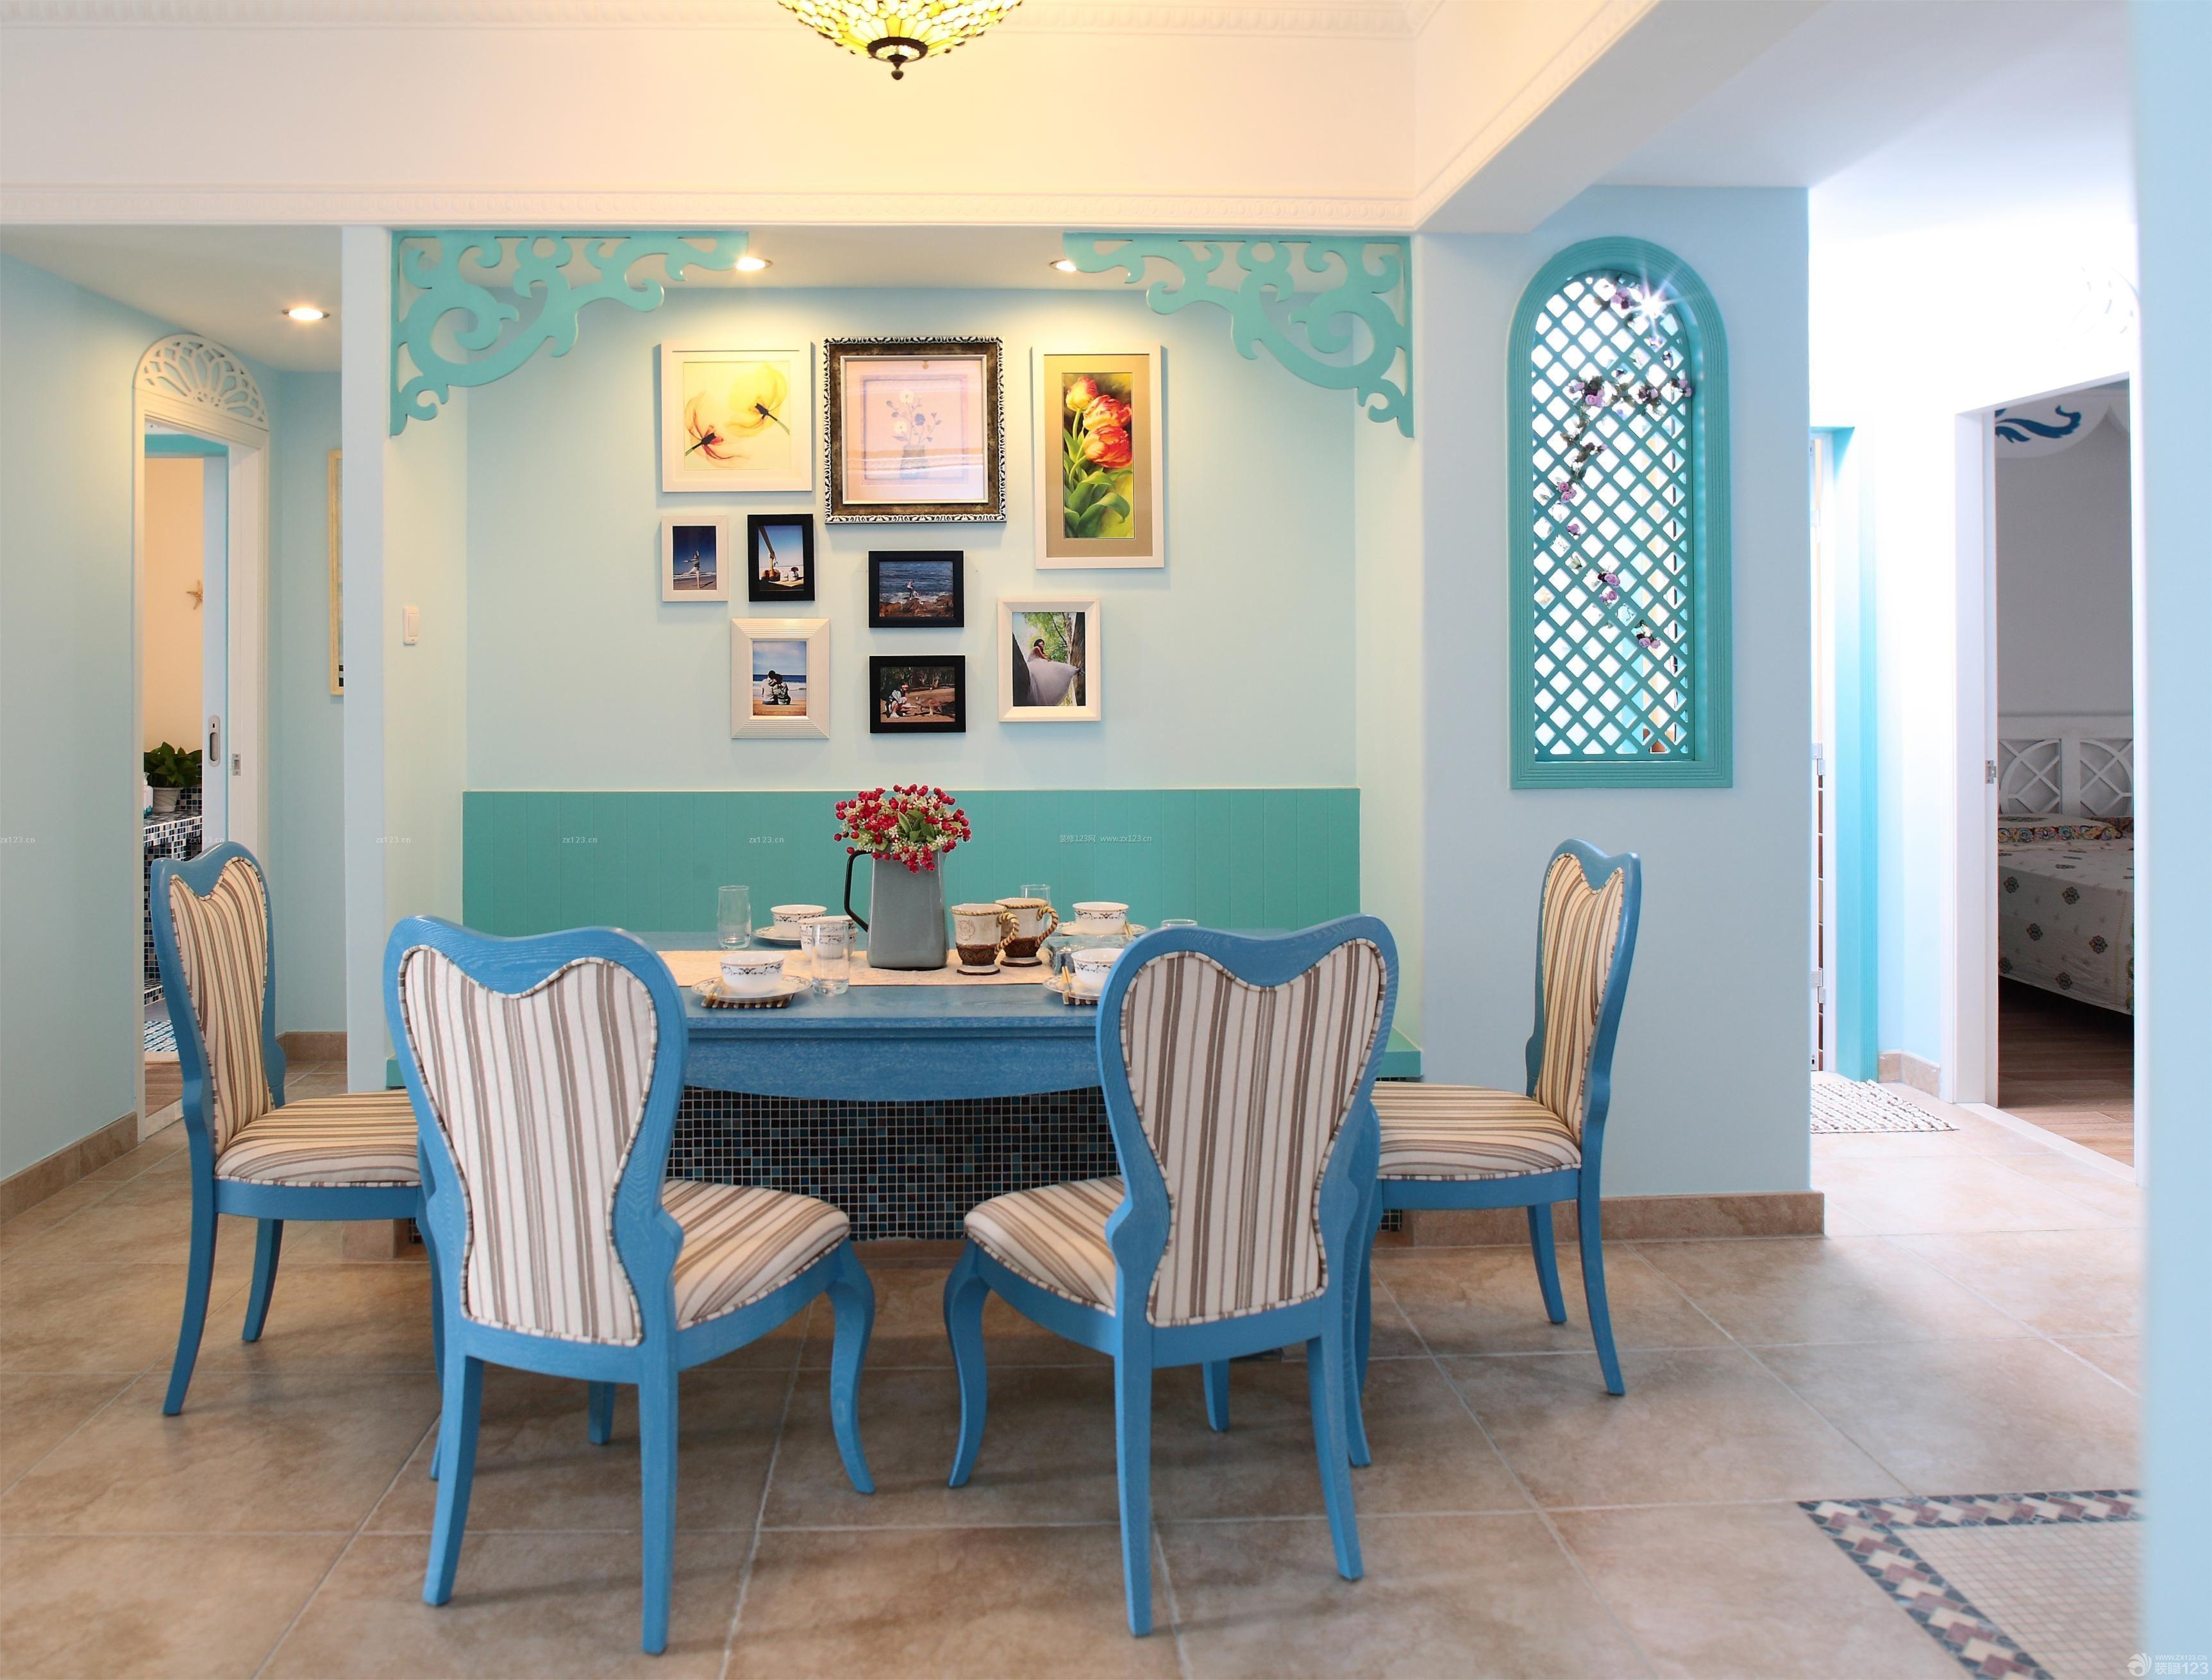 三室两厅地中海式装修风格图片_图片收藏_装修123图片